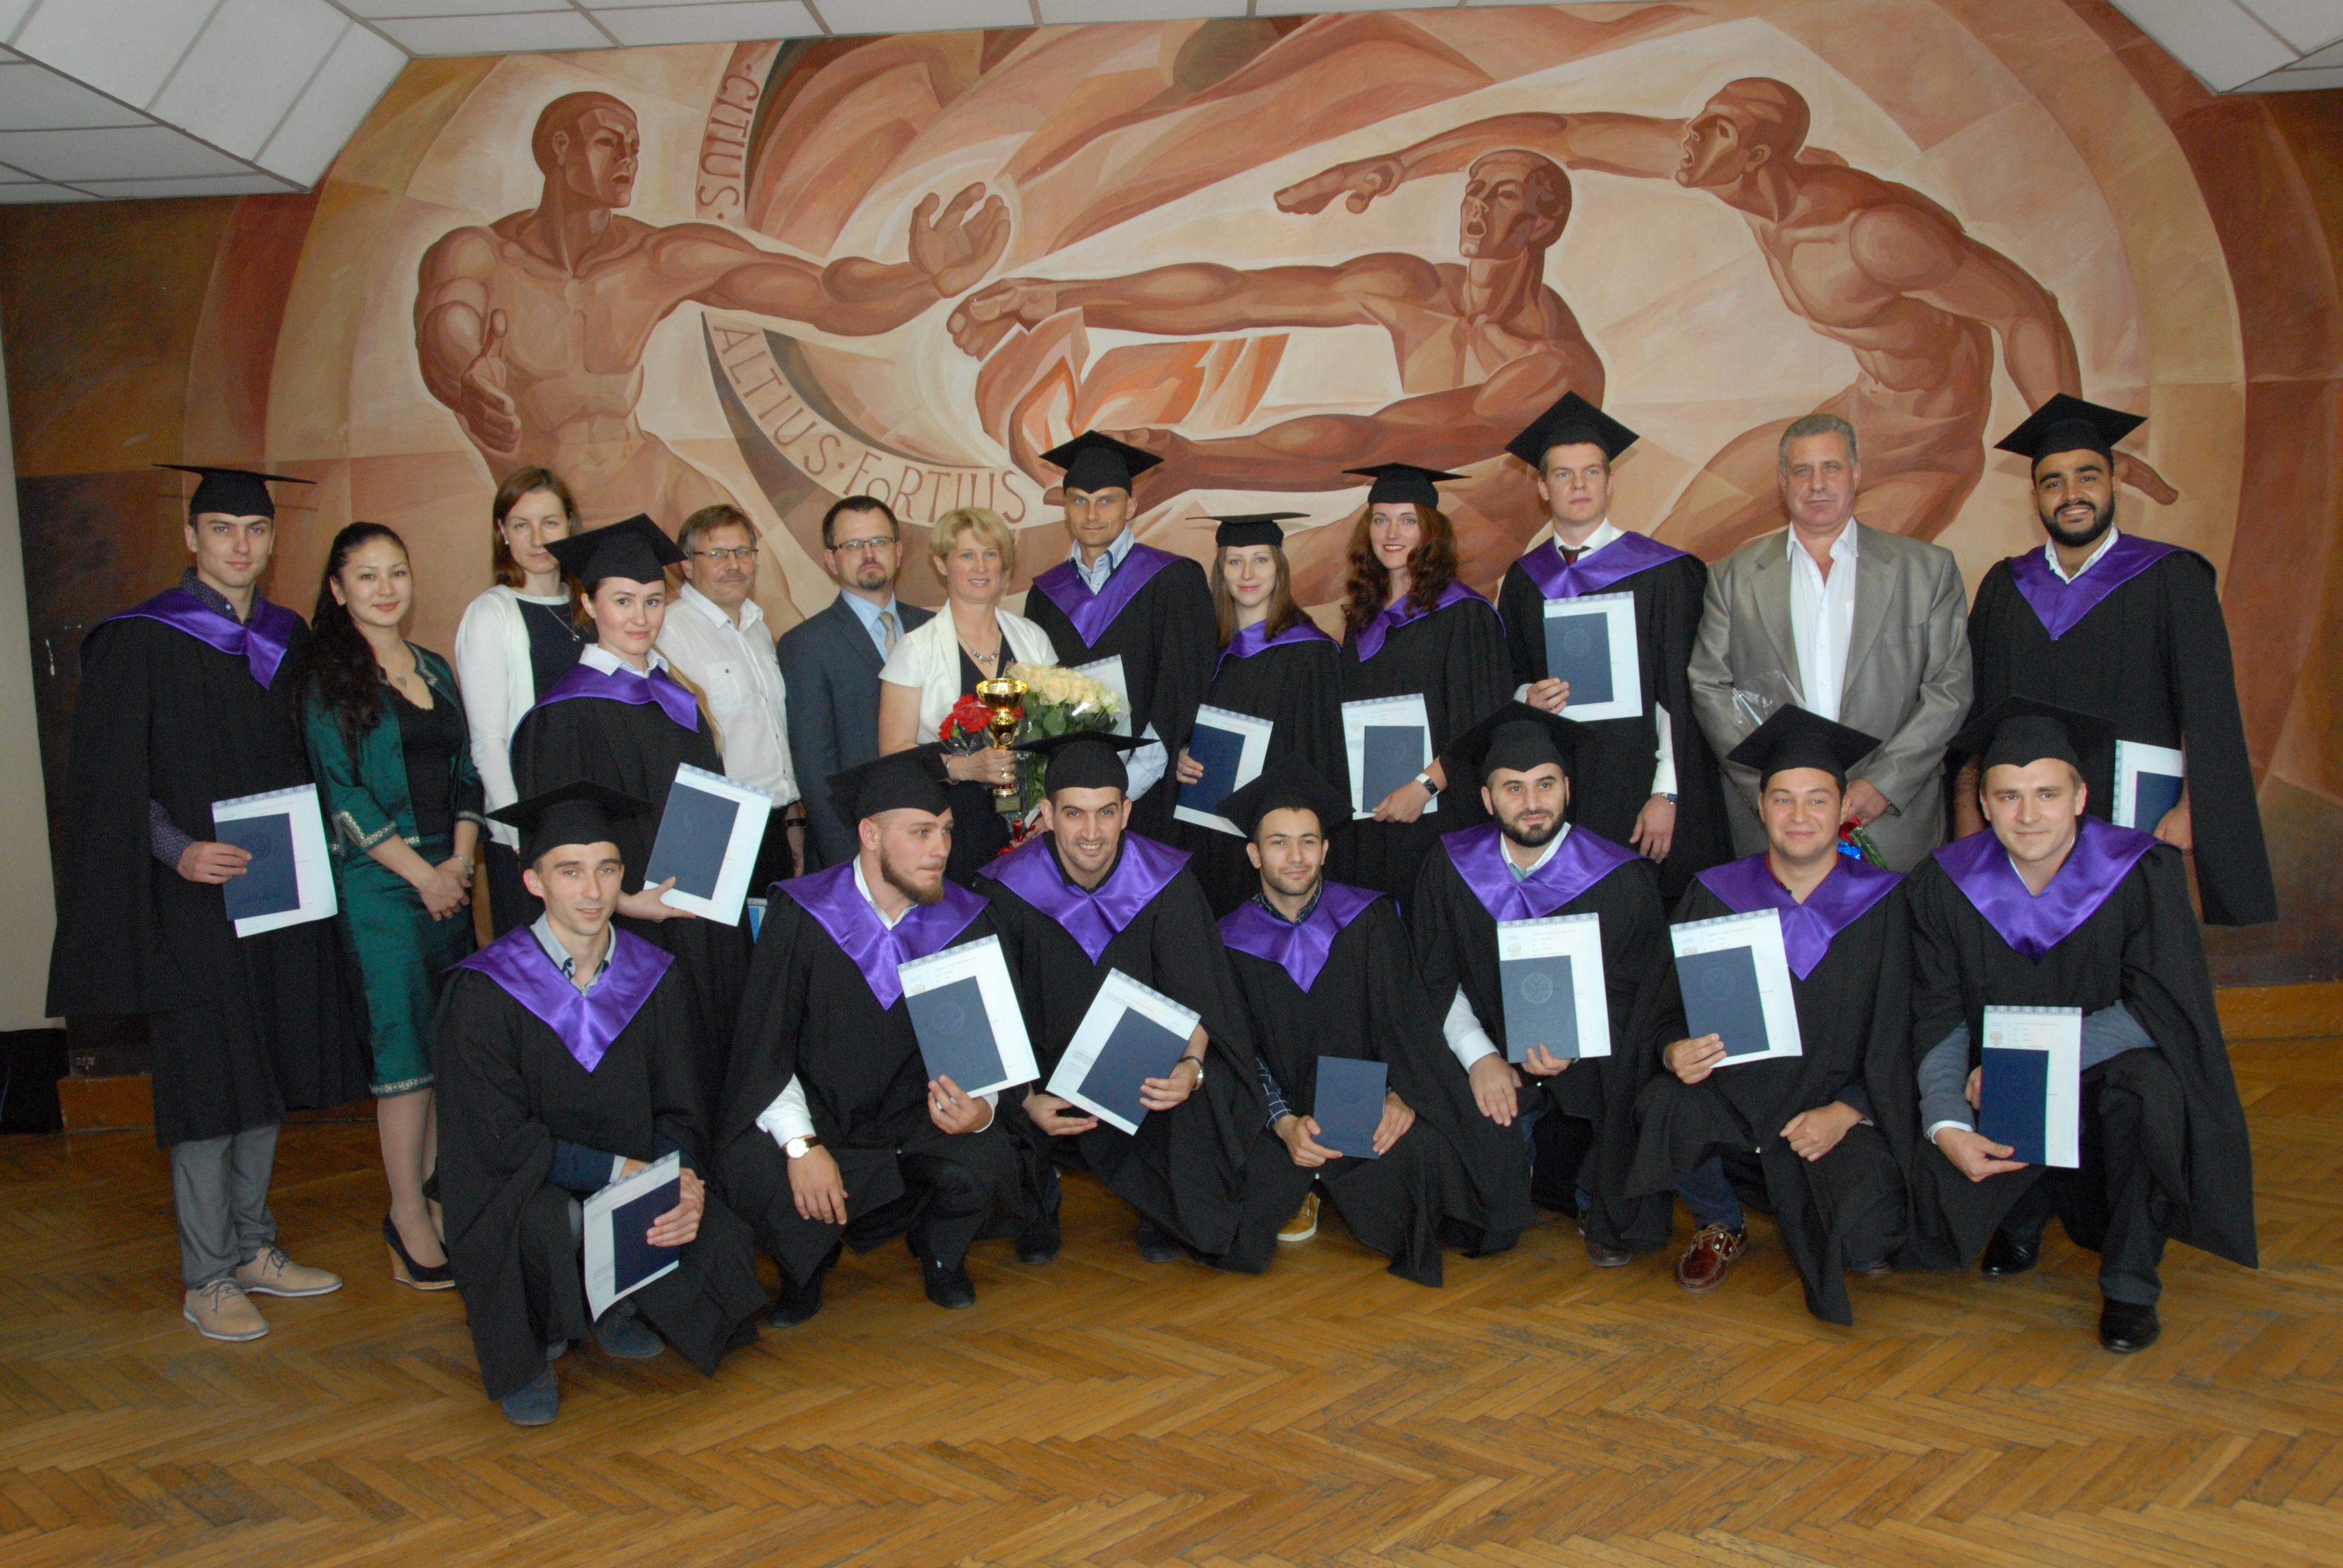 аспирантам РГУФКСМиТ впервые выданы дипломы и присвоена  Впервые в истории РГУФКСМиТ мы вручаем дипломы нашим аспирантам Вы прошли все ступени обучения и официально получили статус исследователя